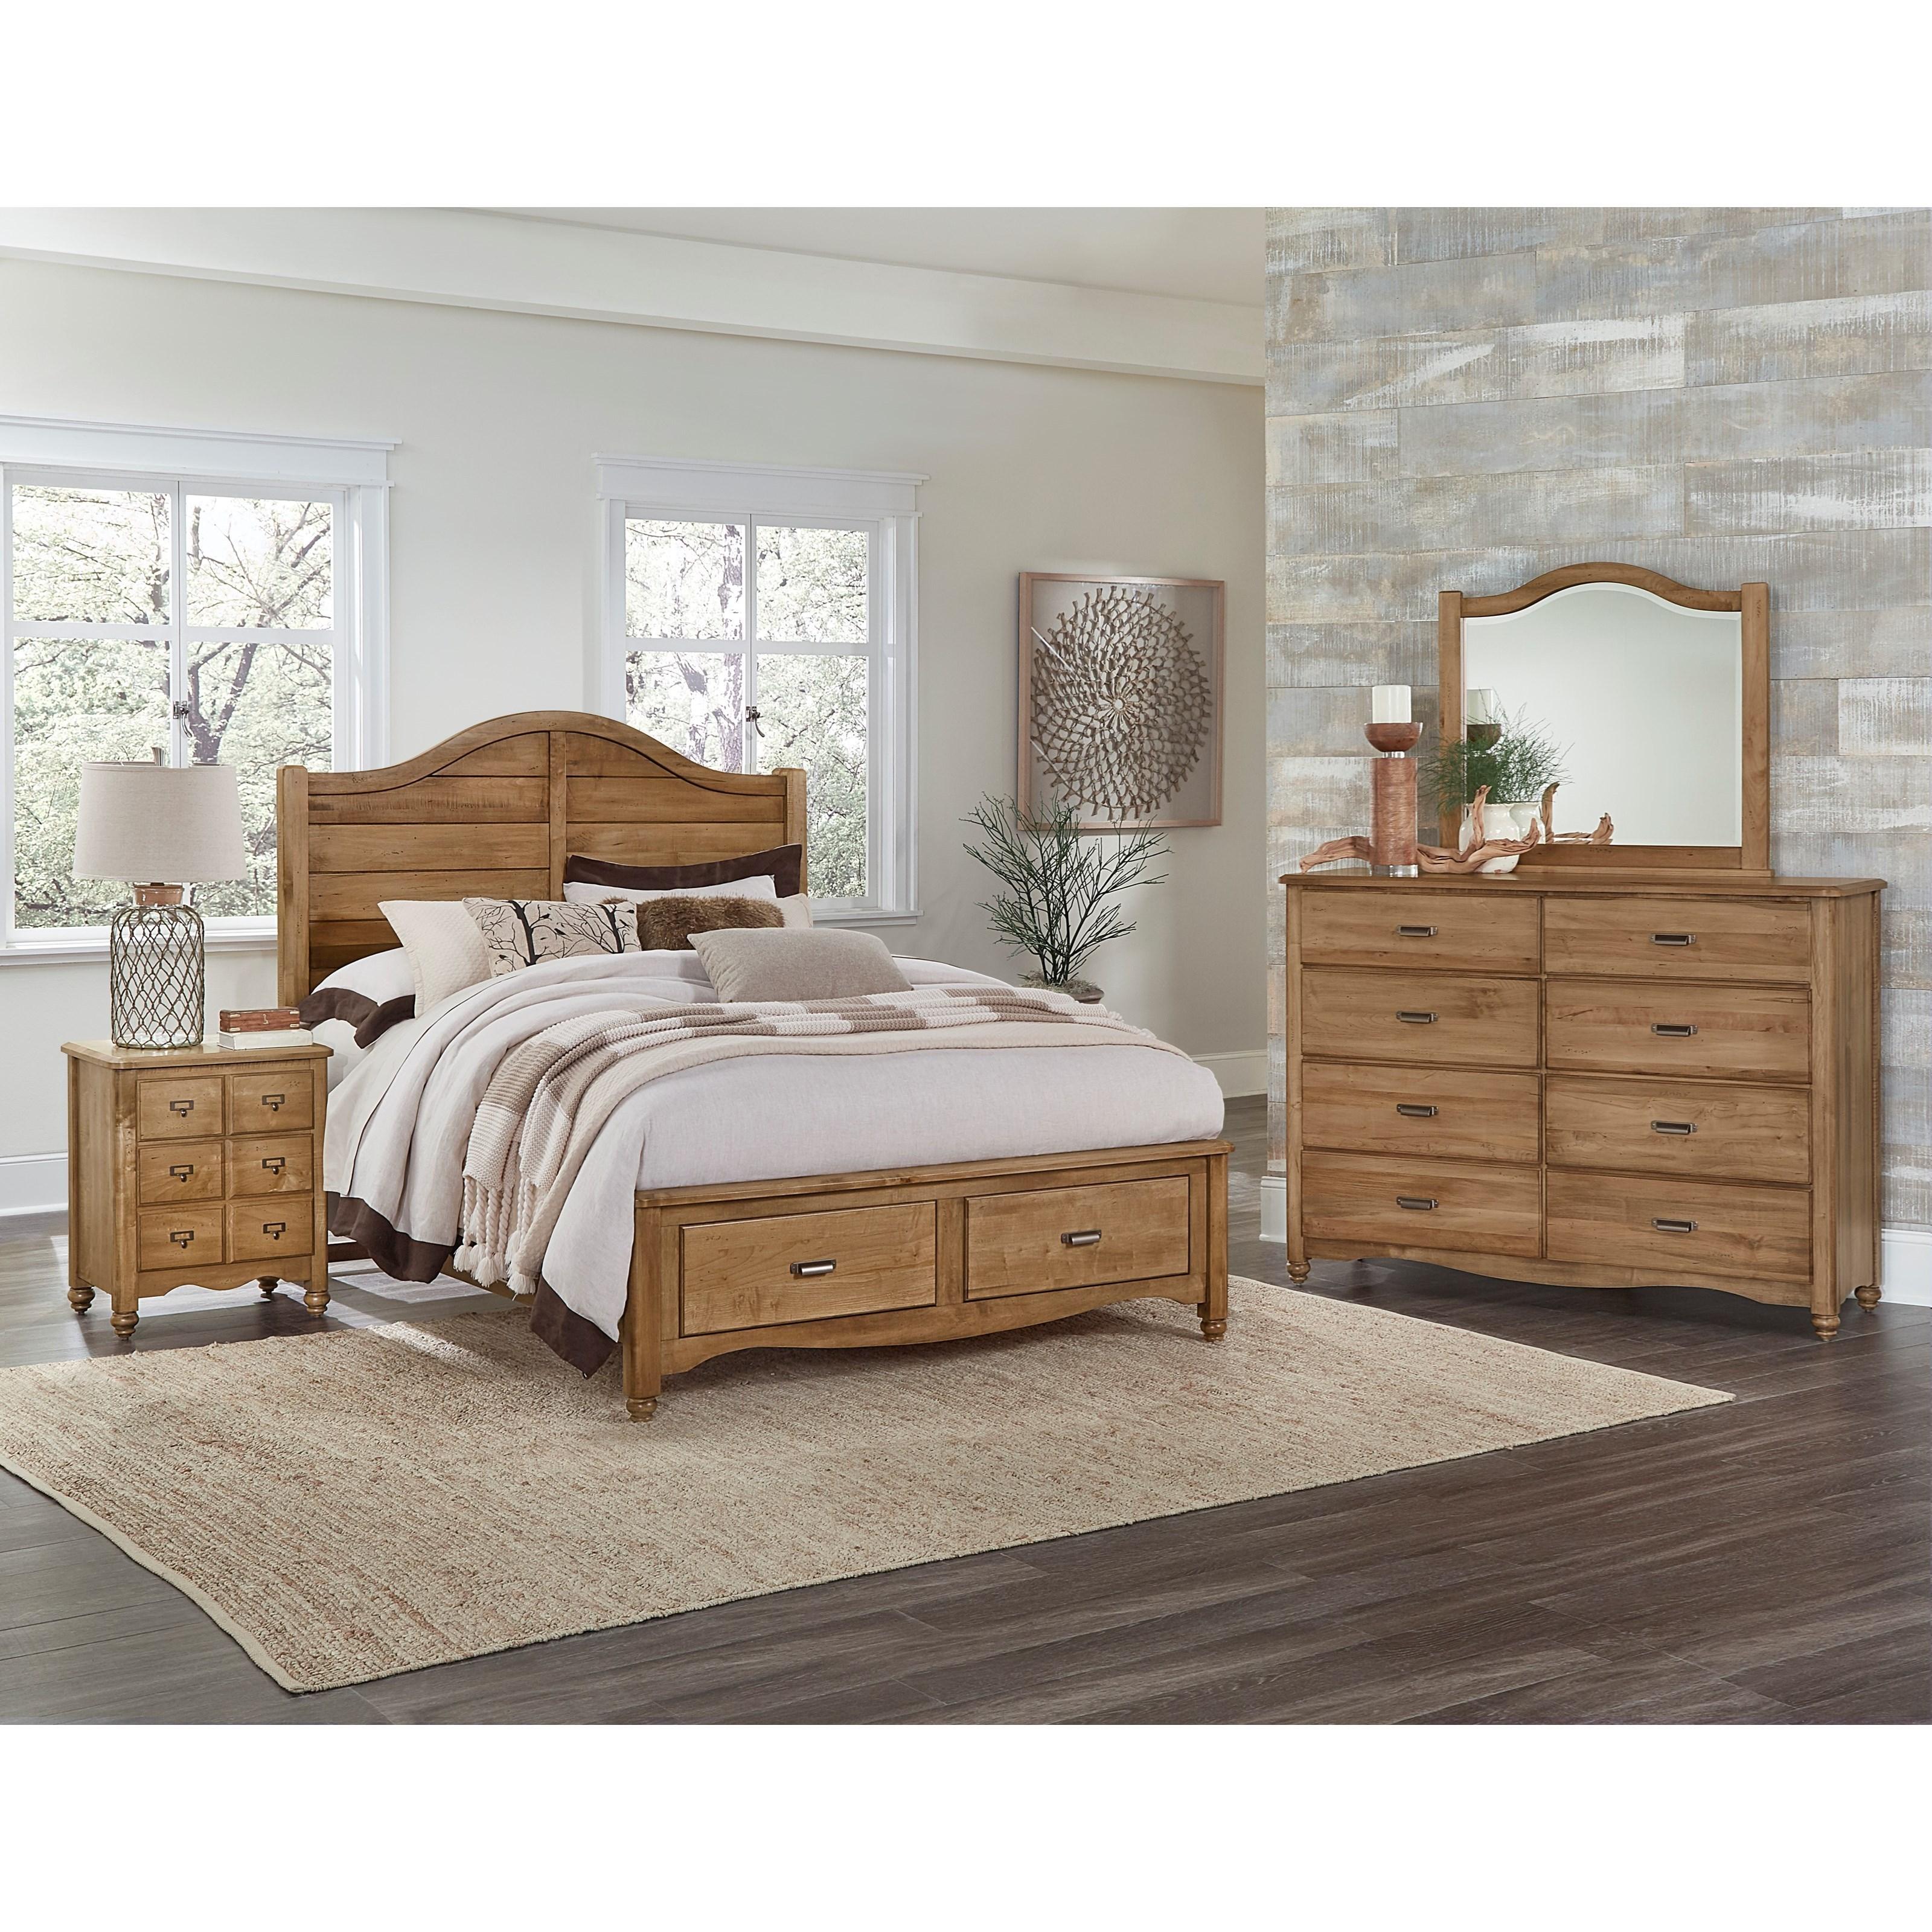 Vaughan Bassett American Maple King Bedroom Group - Item Number: 402 K Bedroom Group 4